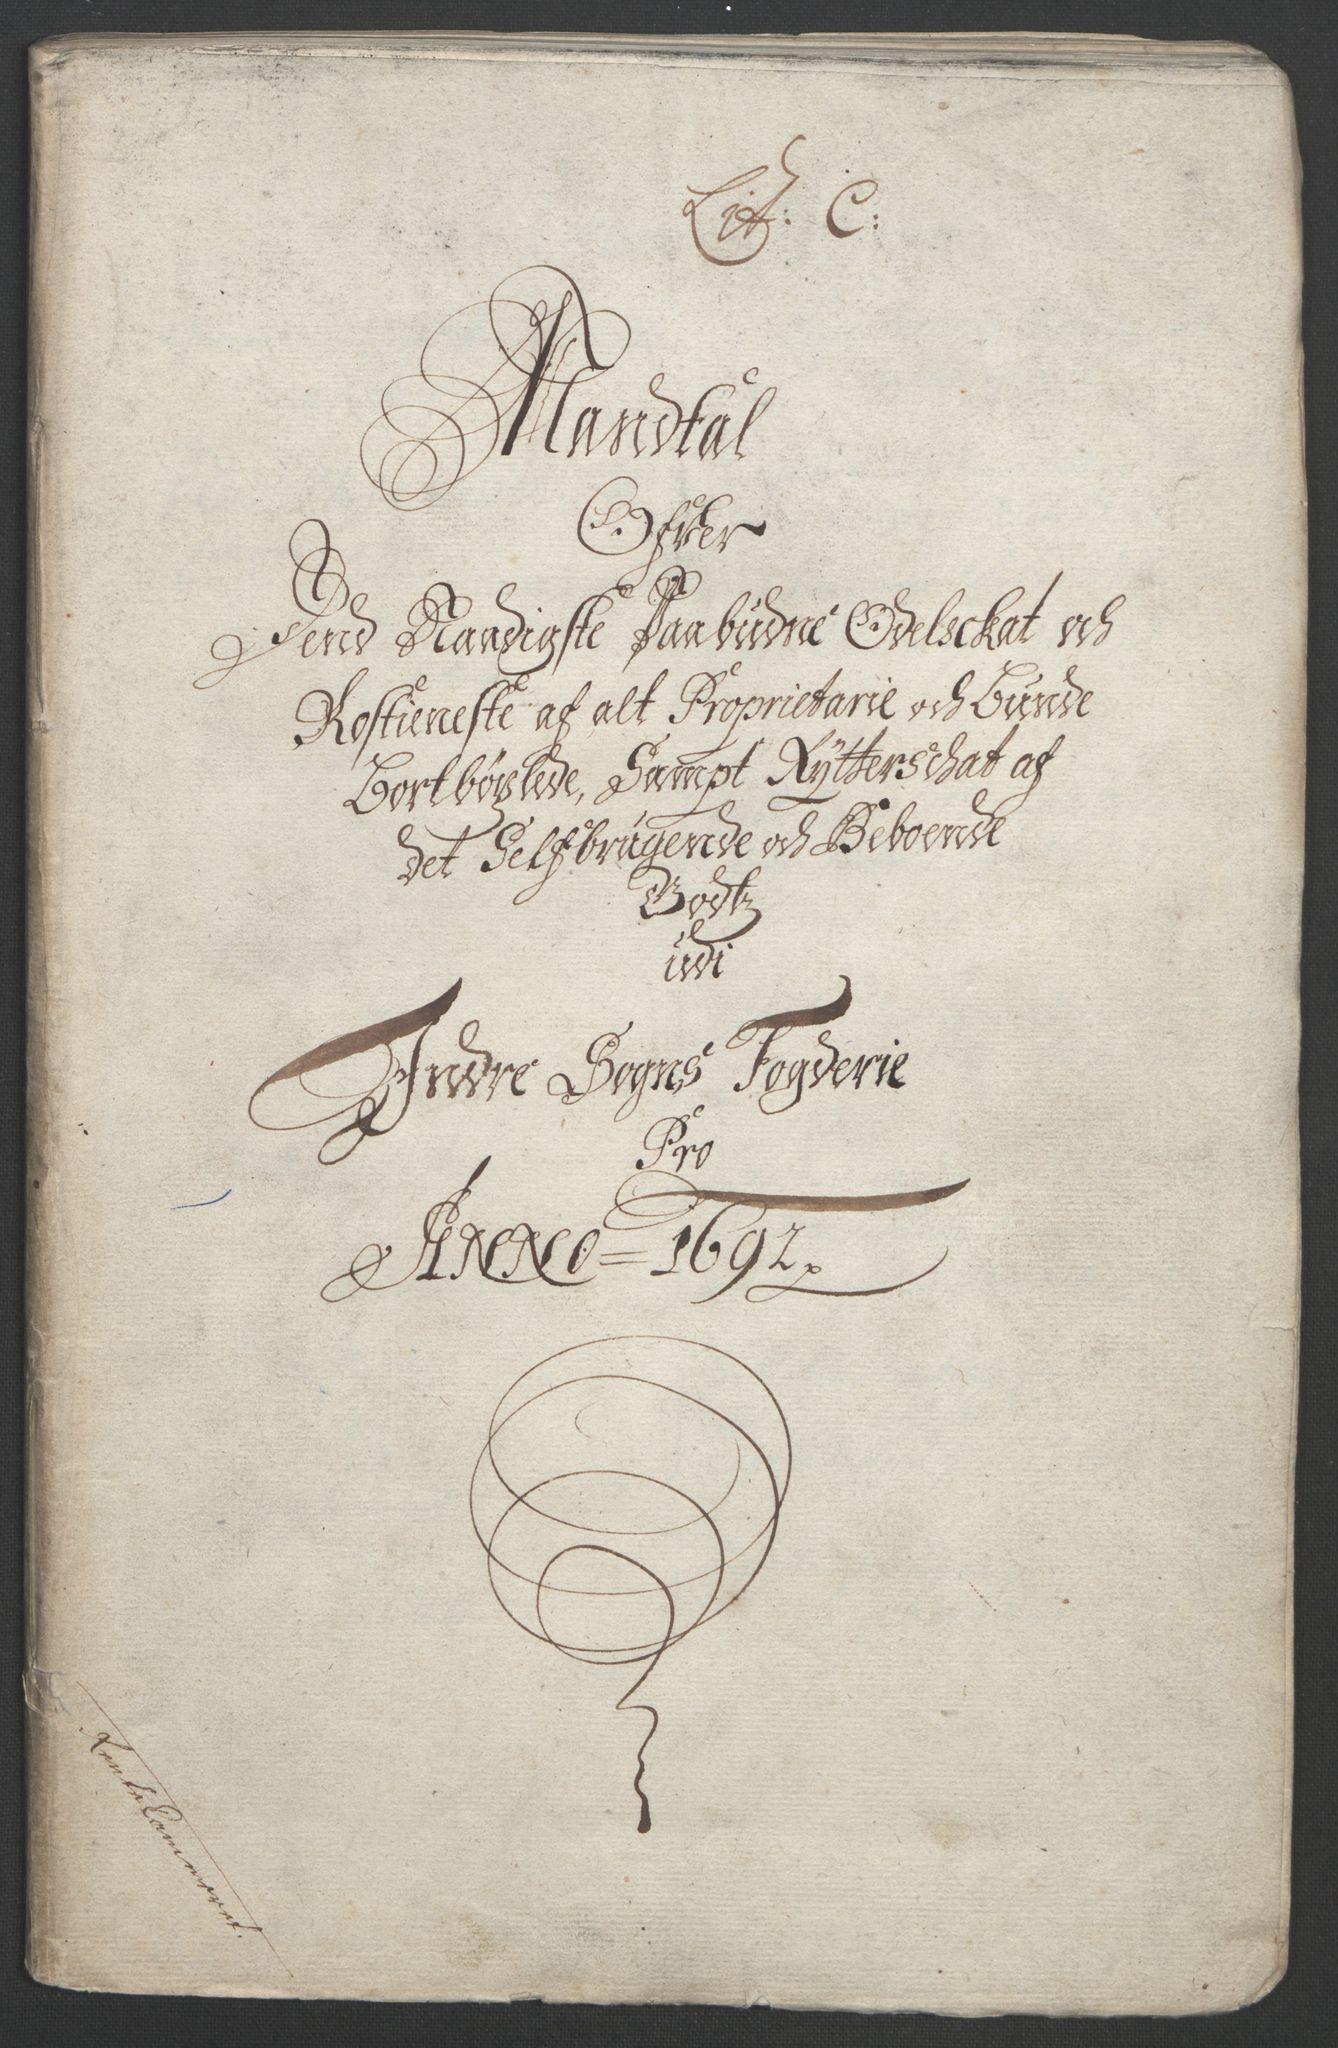 RA, Rentekammeret inntil 1814, Reviderte regnskaper, Fogderegnskap, R52/L3306: Fogderegnskap Sogn, 1691-1692, s. 155